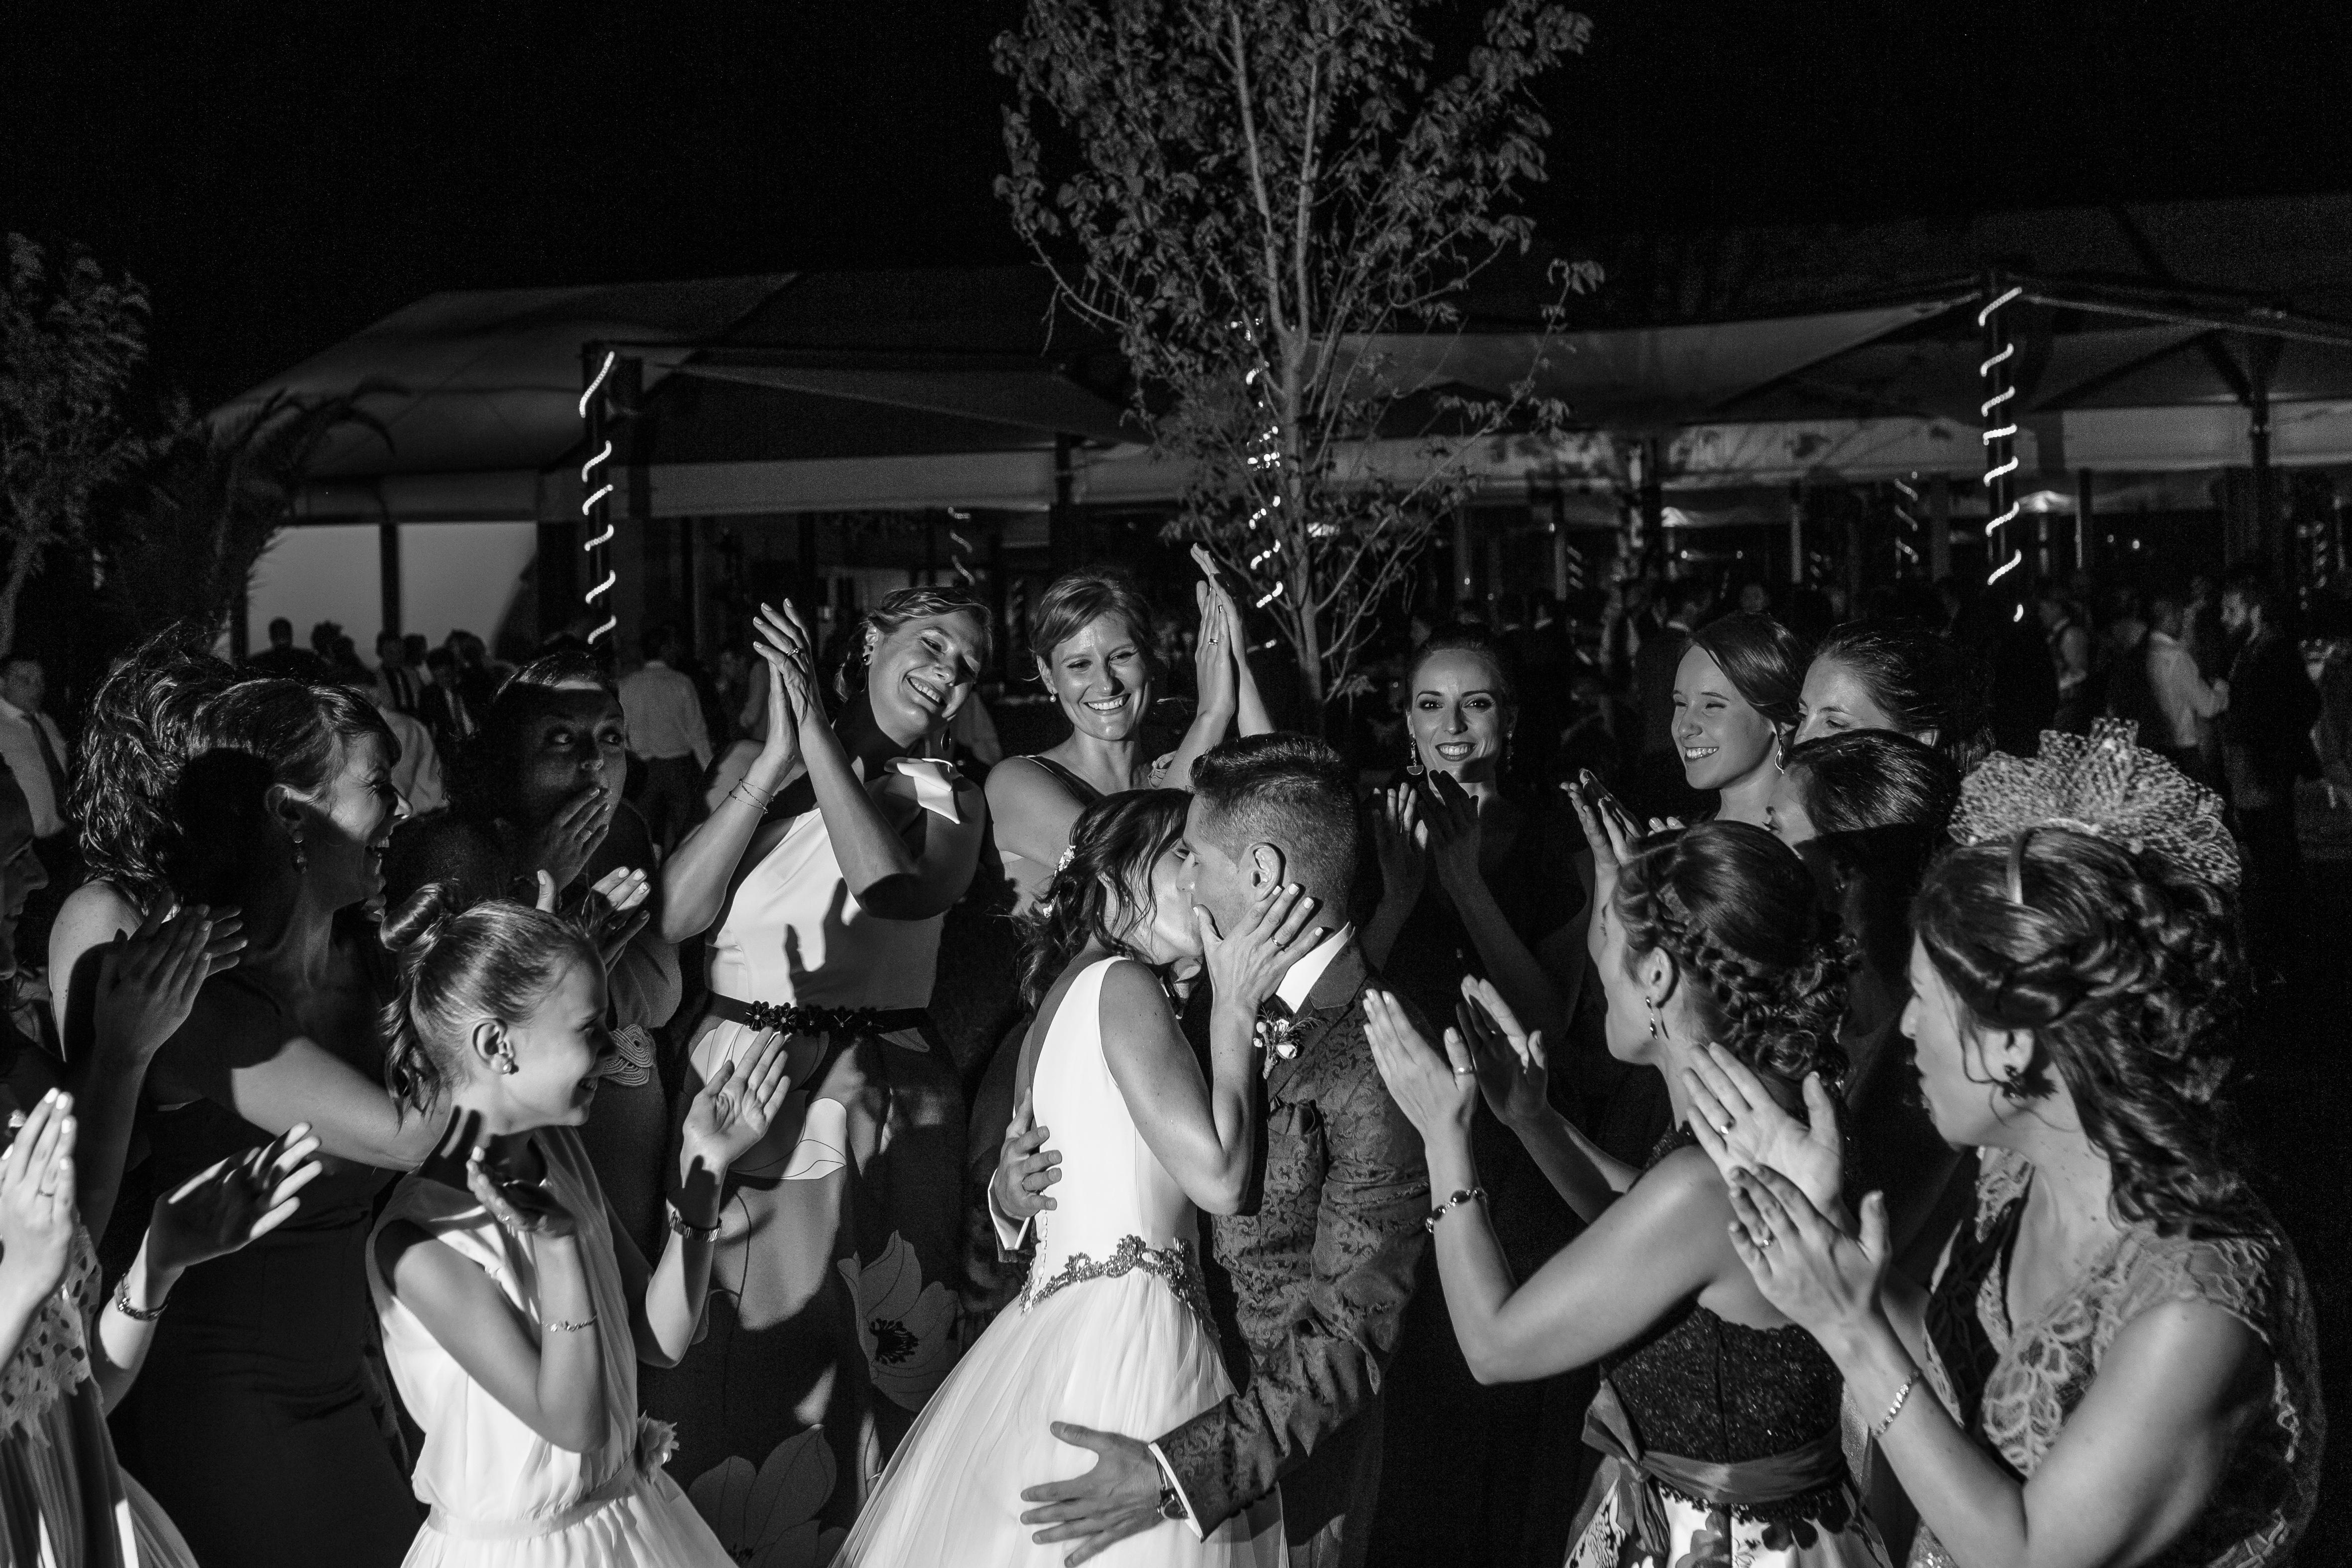 mandarina wedding, fotografos de boda, fotoperiodismo de boda, mejores fotografos de boda, bodas soria, bodas pirineo, bodas Madrid, fotógrafo daroca_36